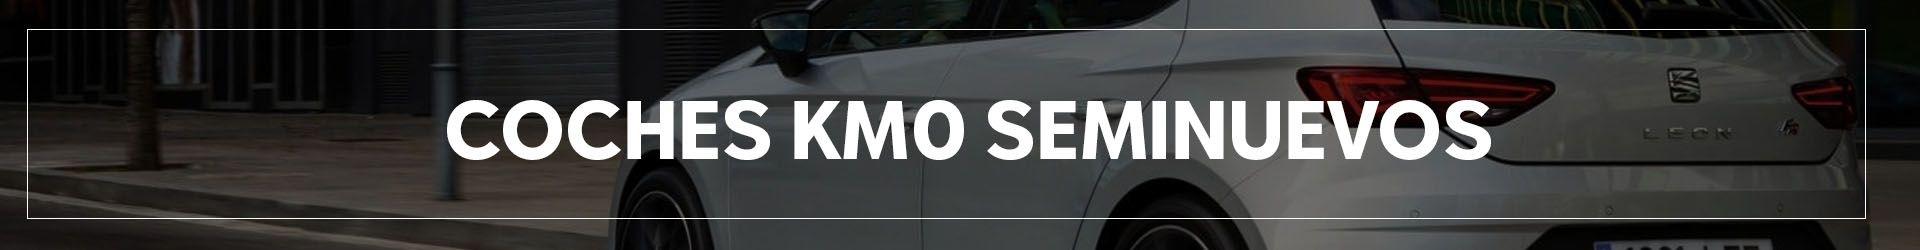 KM0 SEMINUEVOS   Automocion Terry Concesionario Cadiz